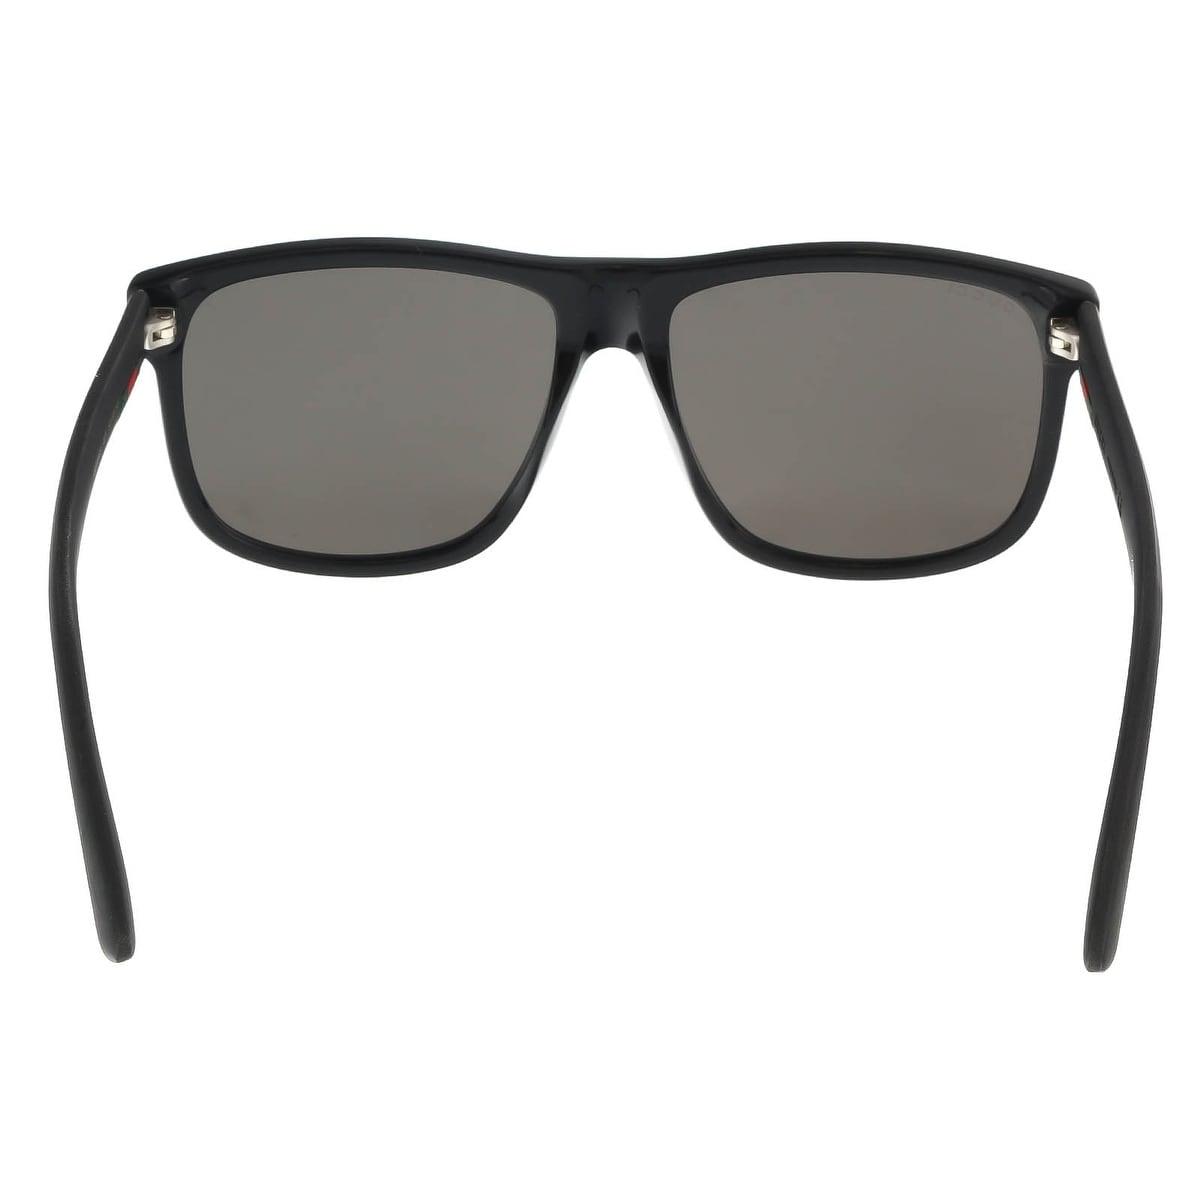 4e062b05214 Shop Gucci GG0010S 001 Black Square Sunglasses - 58-16-145 - Free Shipping  Today - Overstock - 18235788